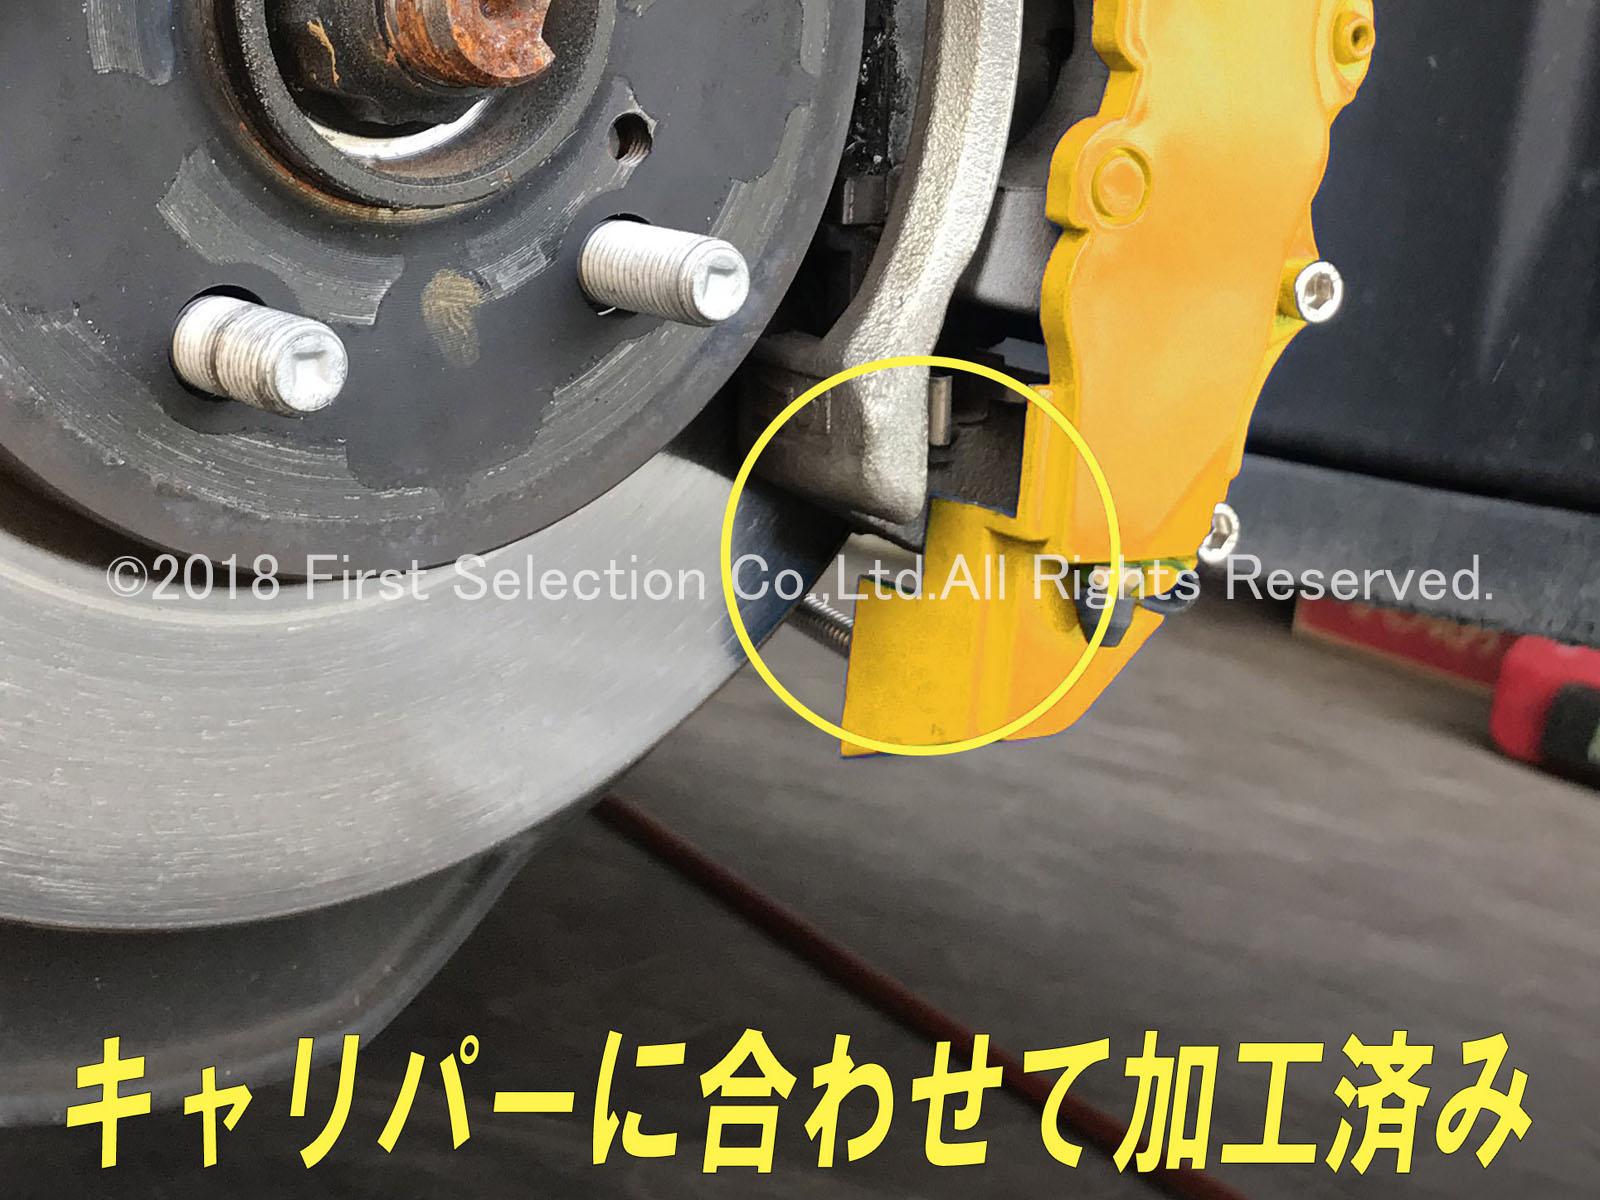 トヨタ車 PRIUSロゴ黒文字 プリウス50系専用 加工済金具付高品質キャリパーカバー黄 M/Mサイズセット